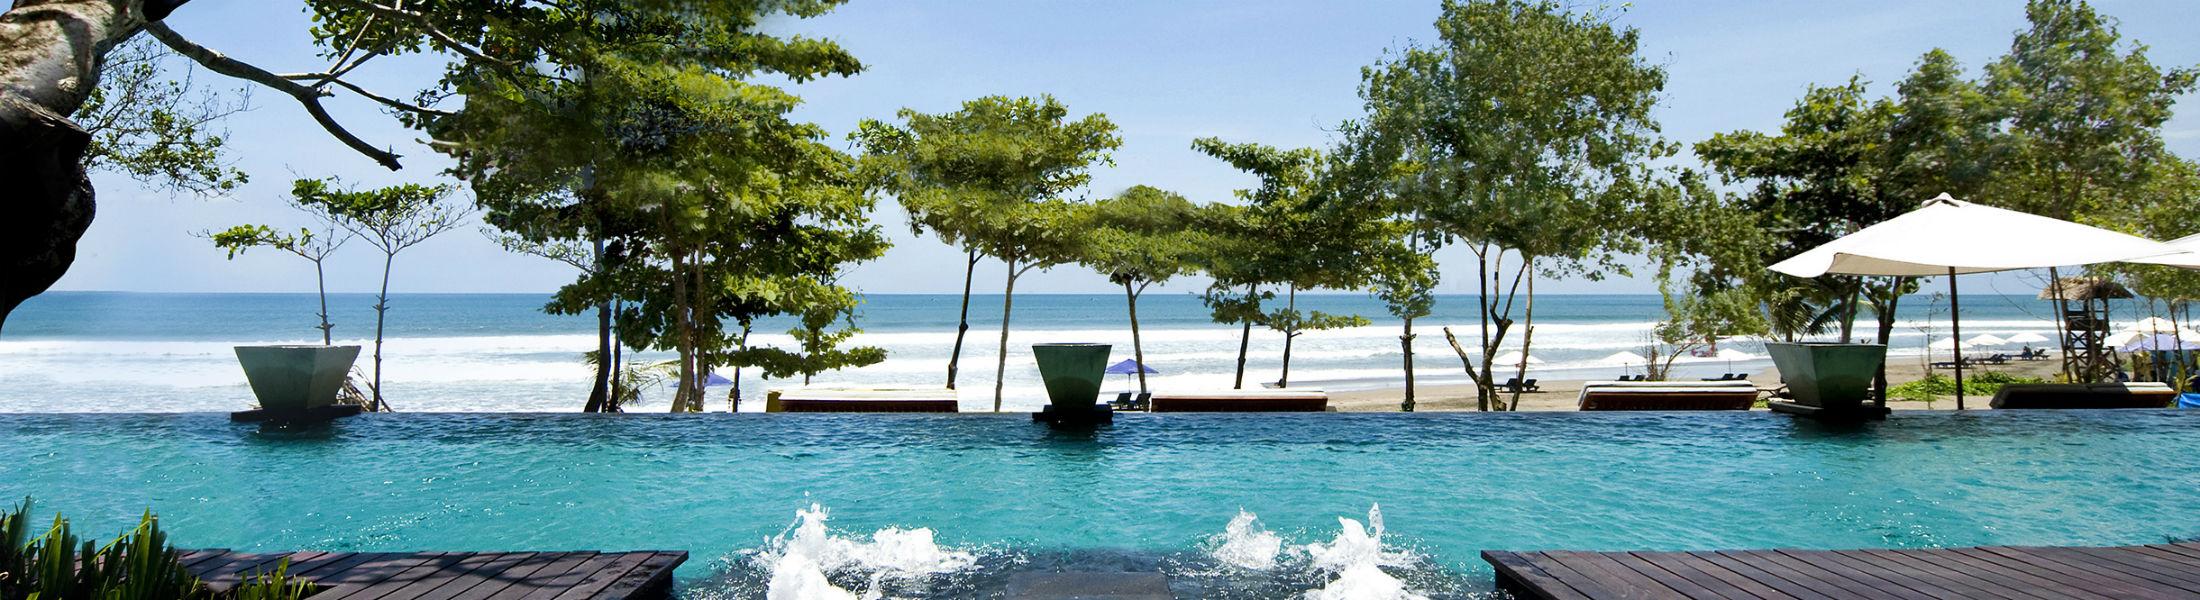 Infinity Pool at the Anantara Seminyak Bali